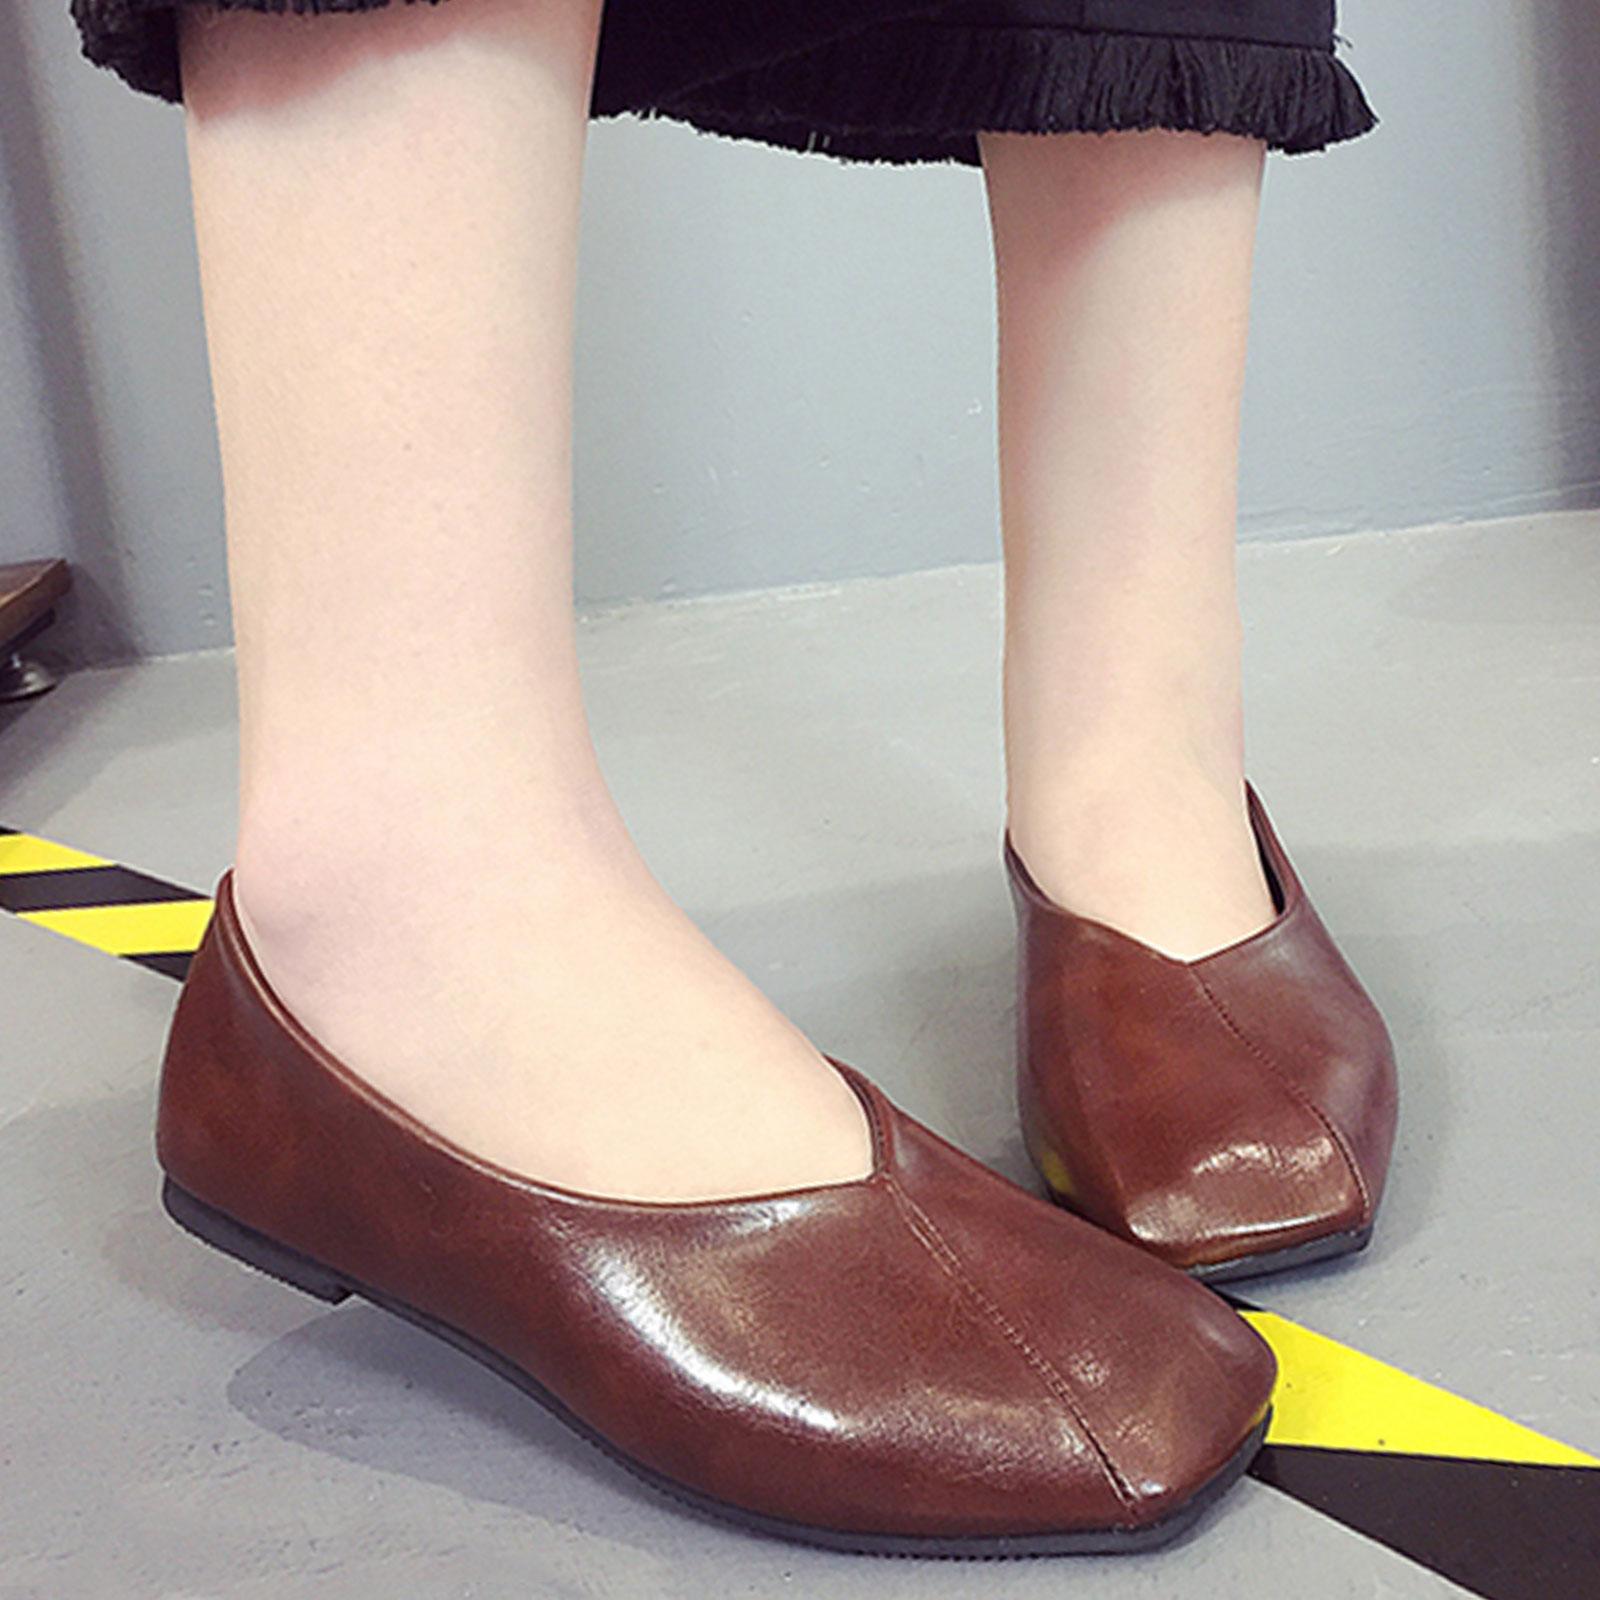 懶人鞋 奶奶鞋 韓版復古淺口方頭懶人鞋【S1681】☆雙兒網☆ 5